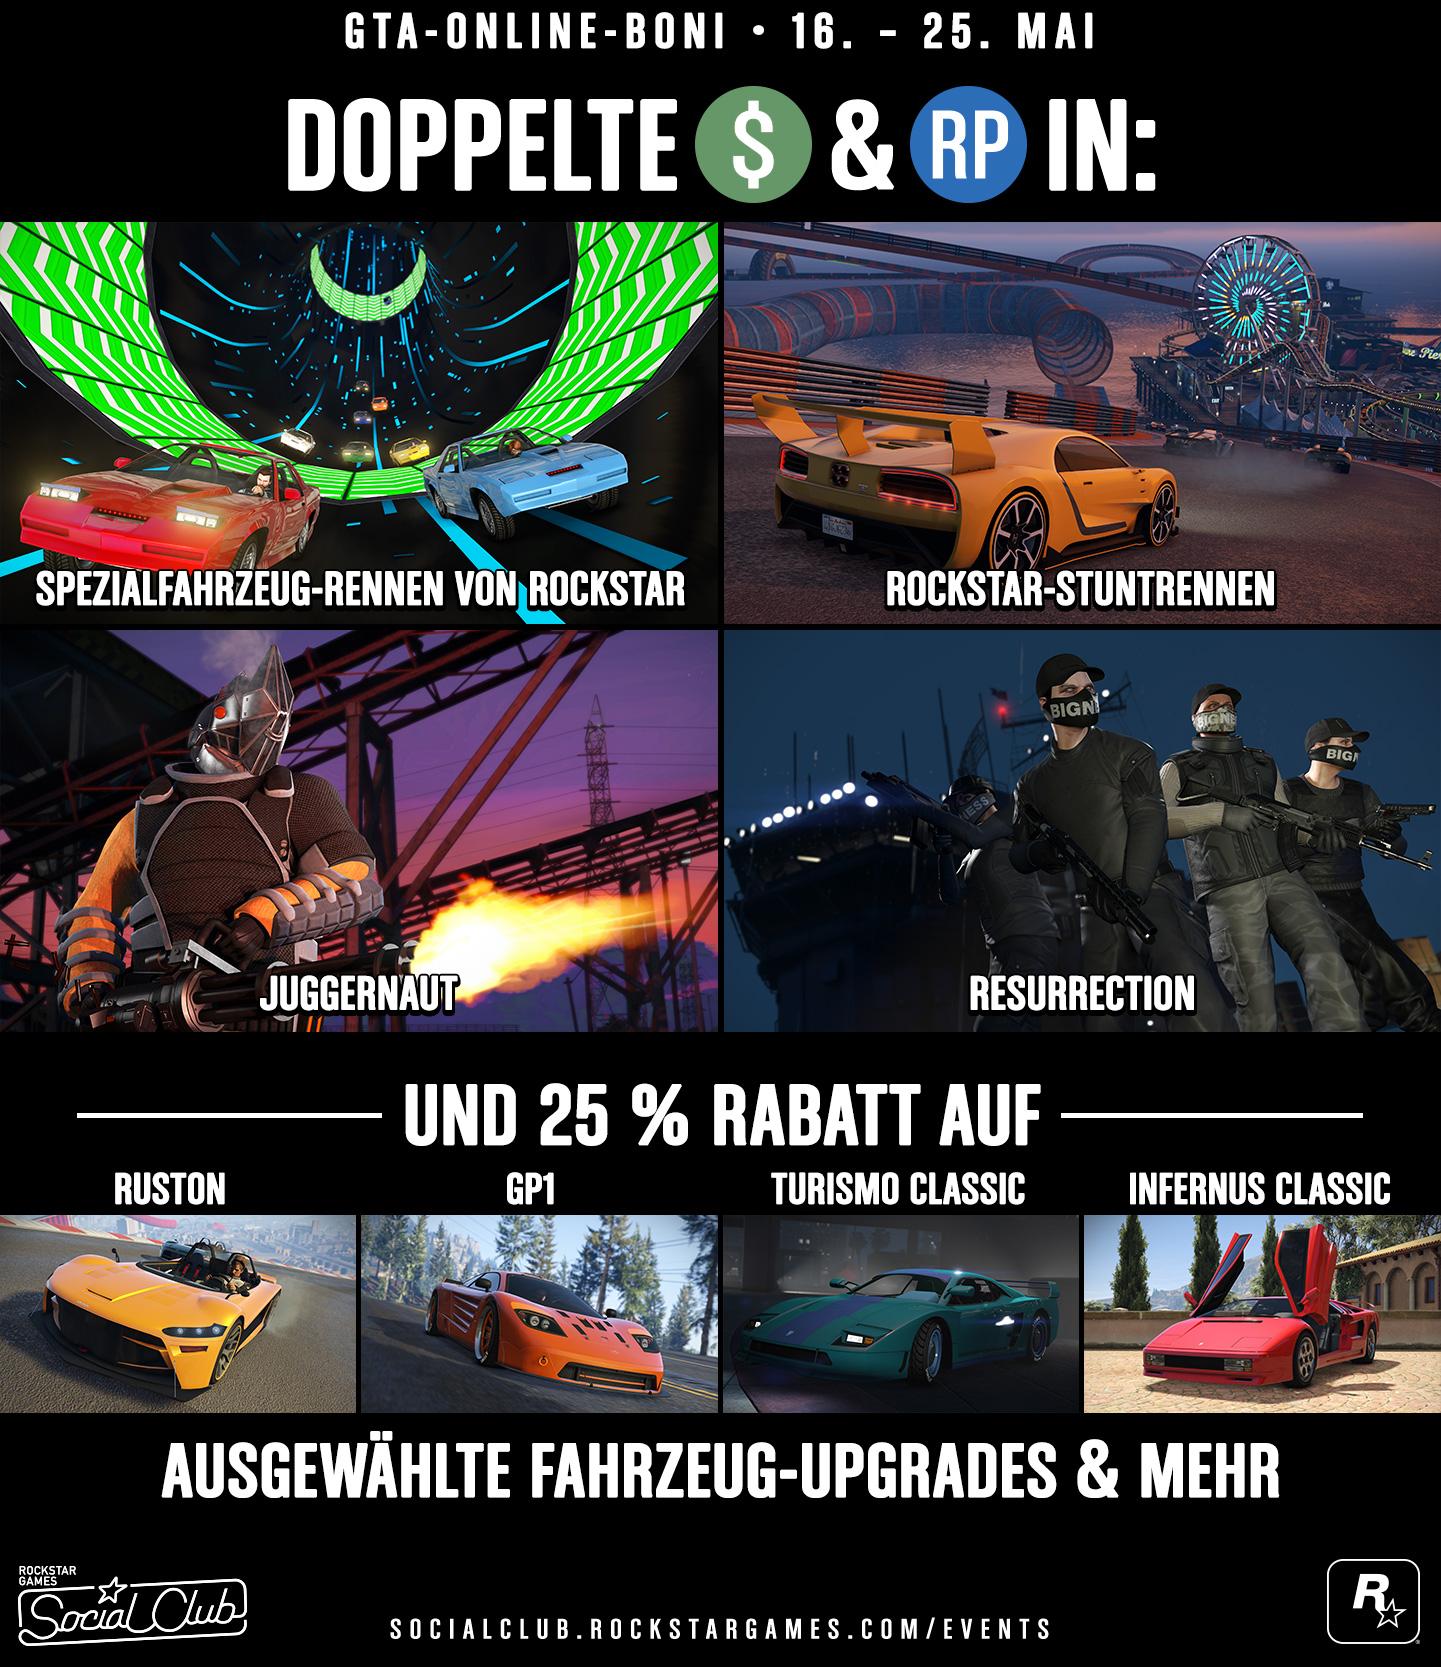 GTA Online Boni 16. - 25. Mai